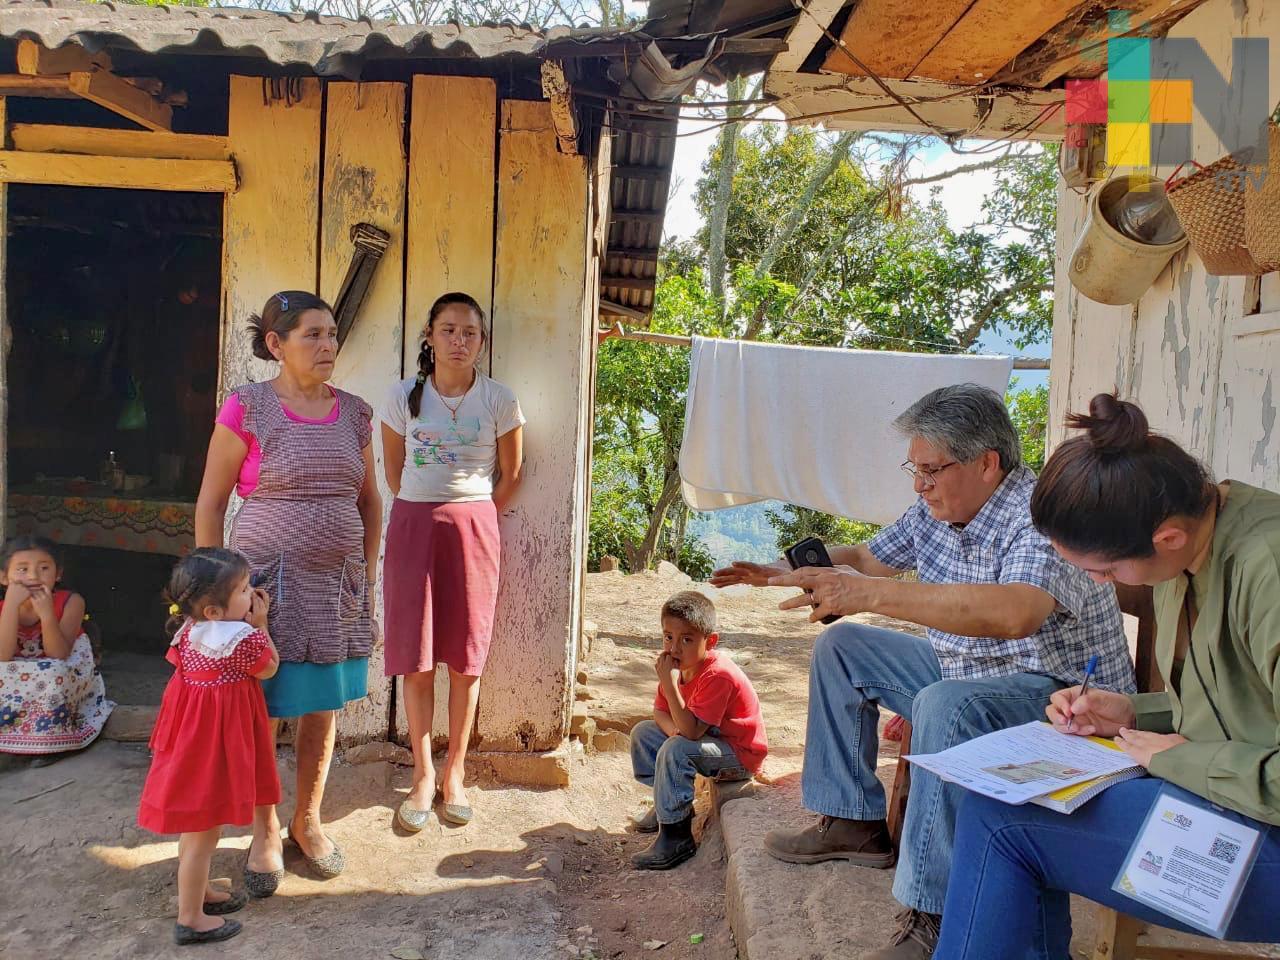 Planean 17 mil obras para beneficiar viviendas de personas en situación de pobreza